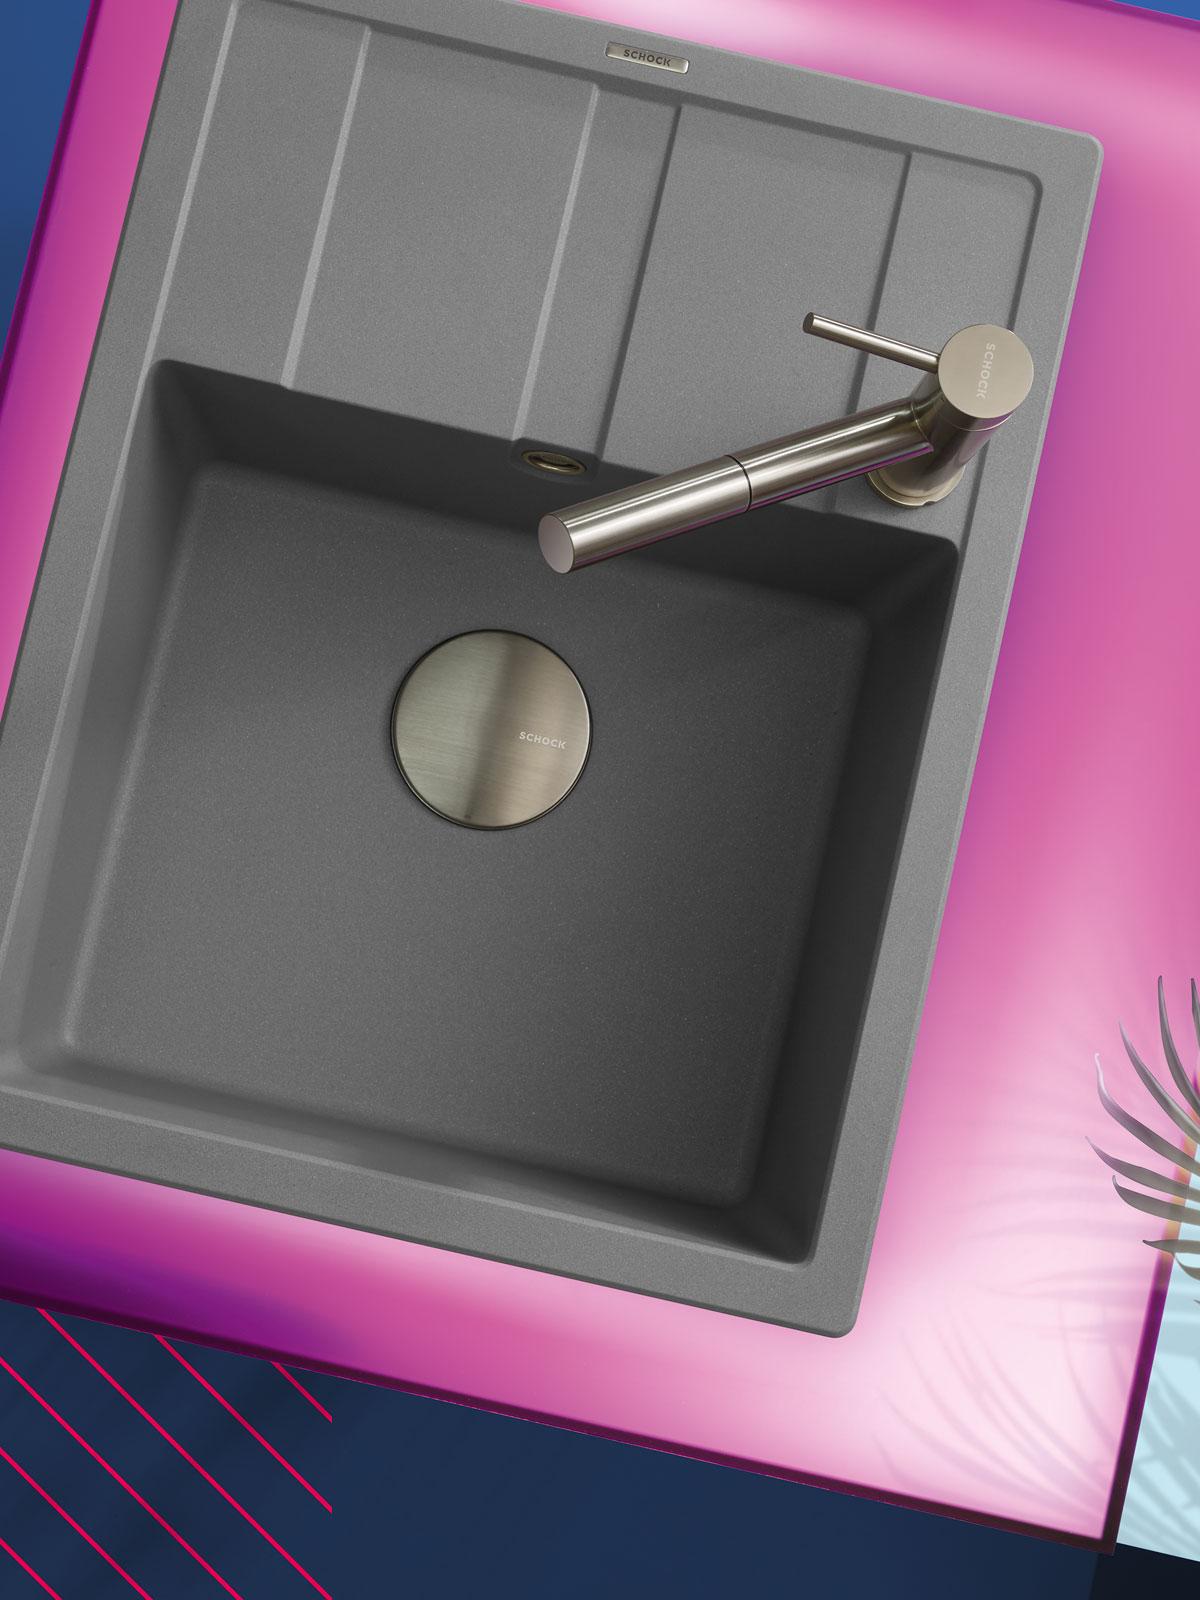 Full Size of Waschbecken Küche Weiß Splen Stengel Miniküche Einrichten Badezimmer Singelküche Buche Modulküche Led Panel Mit Tresen Hochglanz Weiss Jalousieschrank Wohnzimmer Waschbecken Küche Weiß